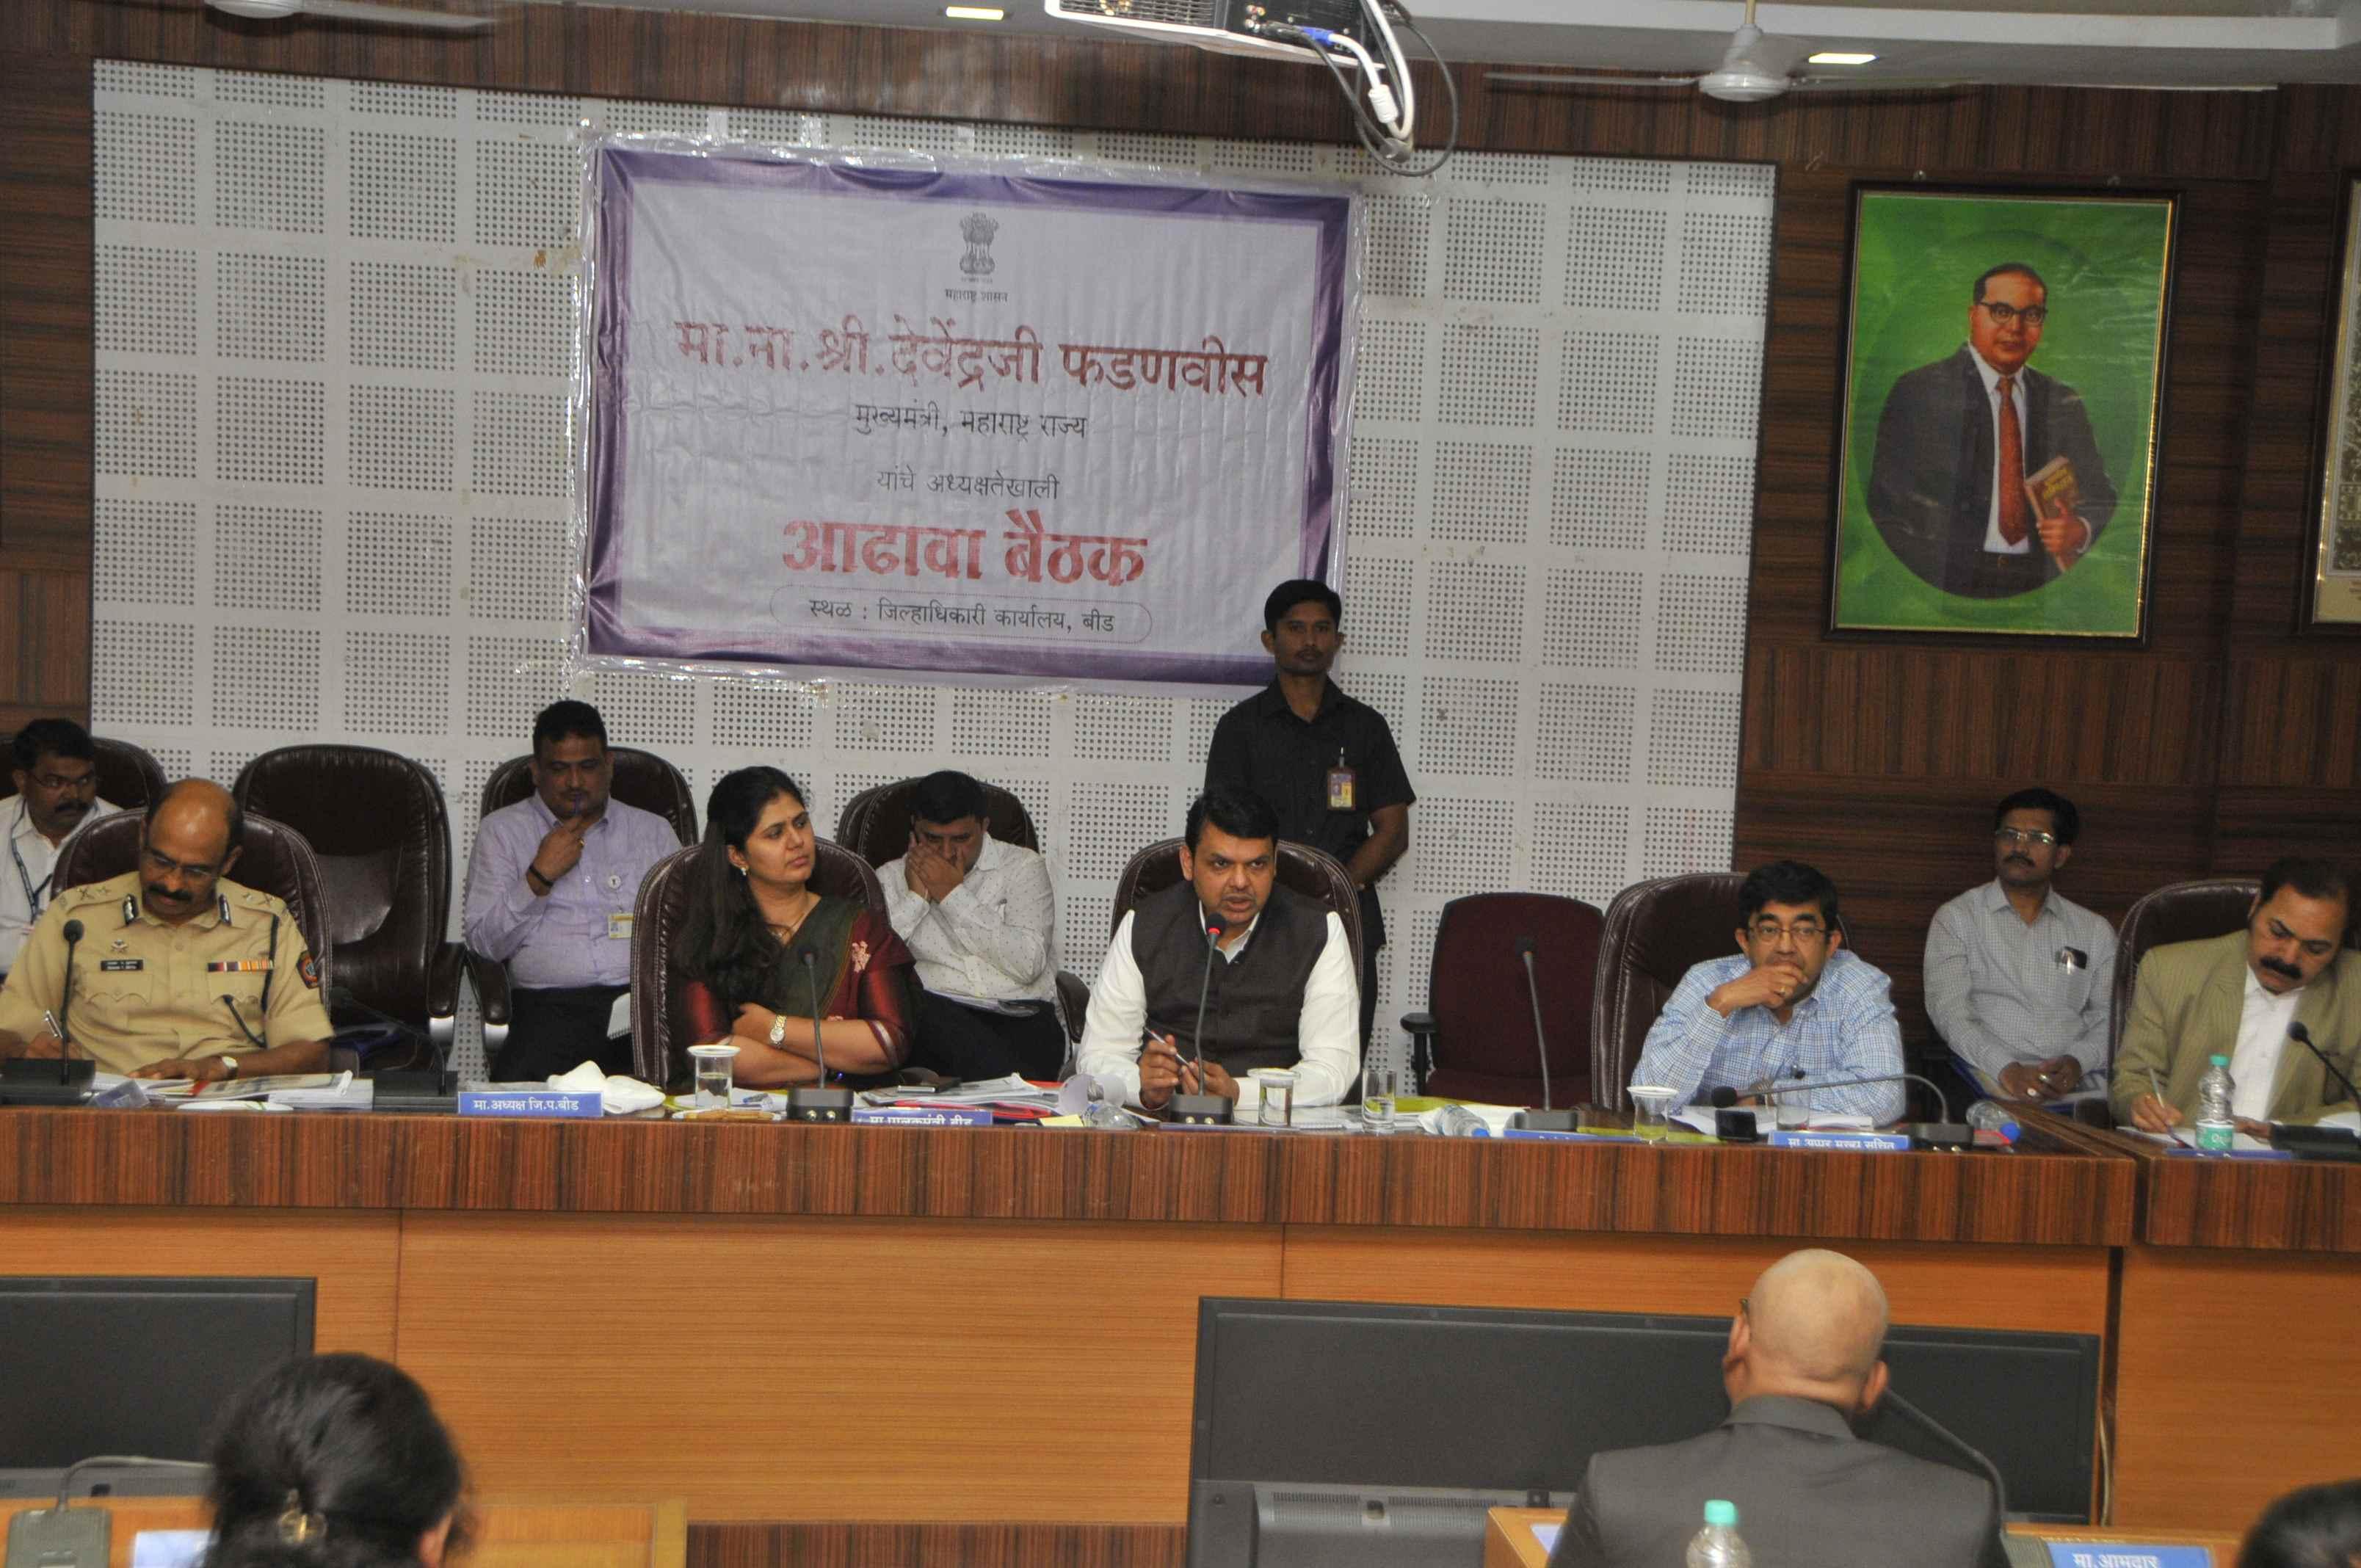 Adarsh Maharashtra | कृष्णा-मराठवाडा योजनेचे काम पूर्ण करण्यासाठी आणखी १६०० कोटी देऊ : देवेंद्र...